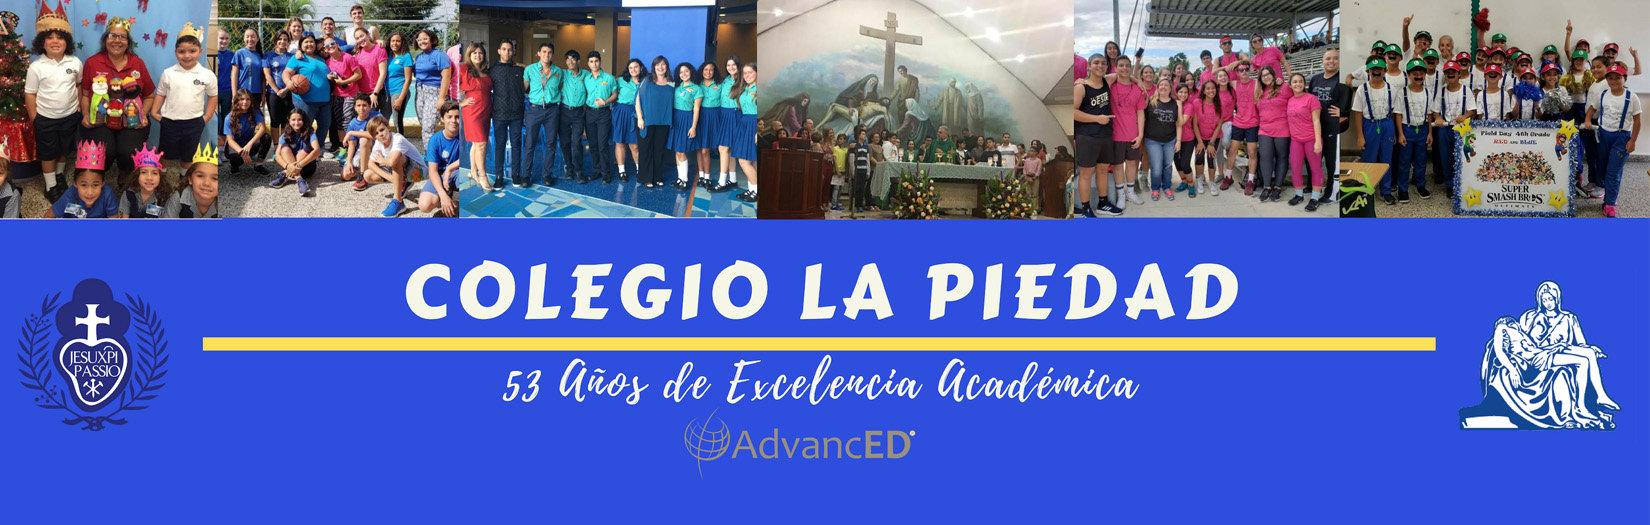 banner_nuevo_clp2019.jpg